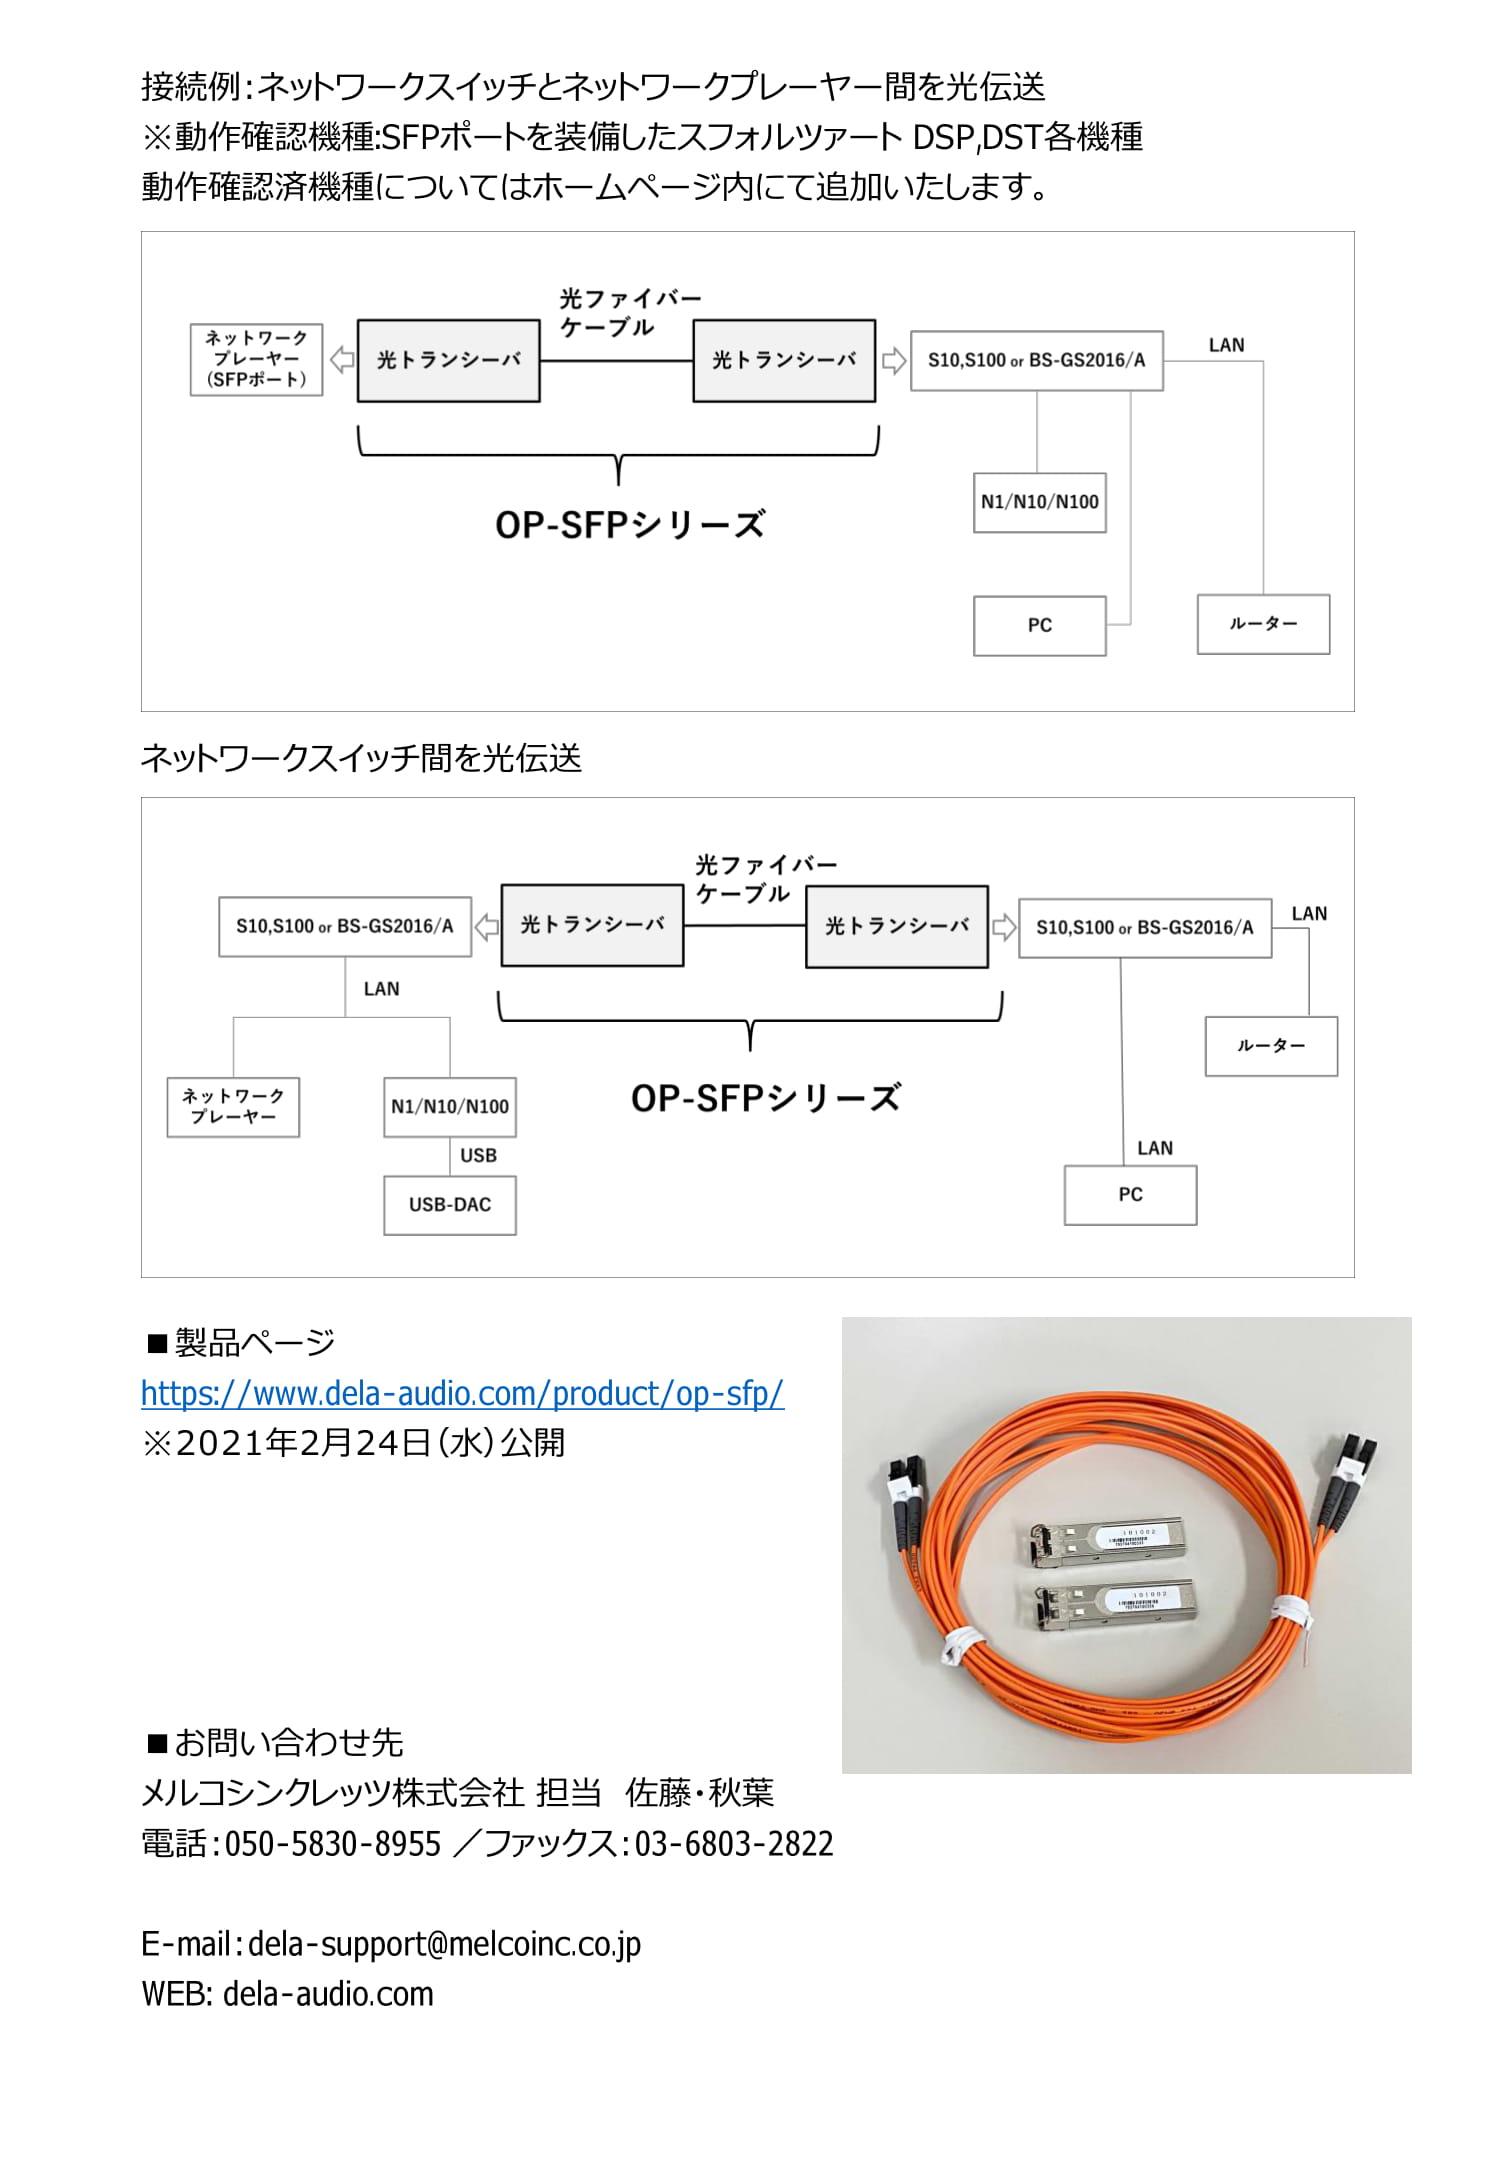 メルコシンクレッツ新製品_OP-SFP販売店様向け資料-2